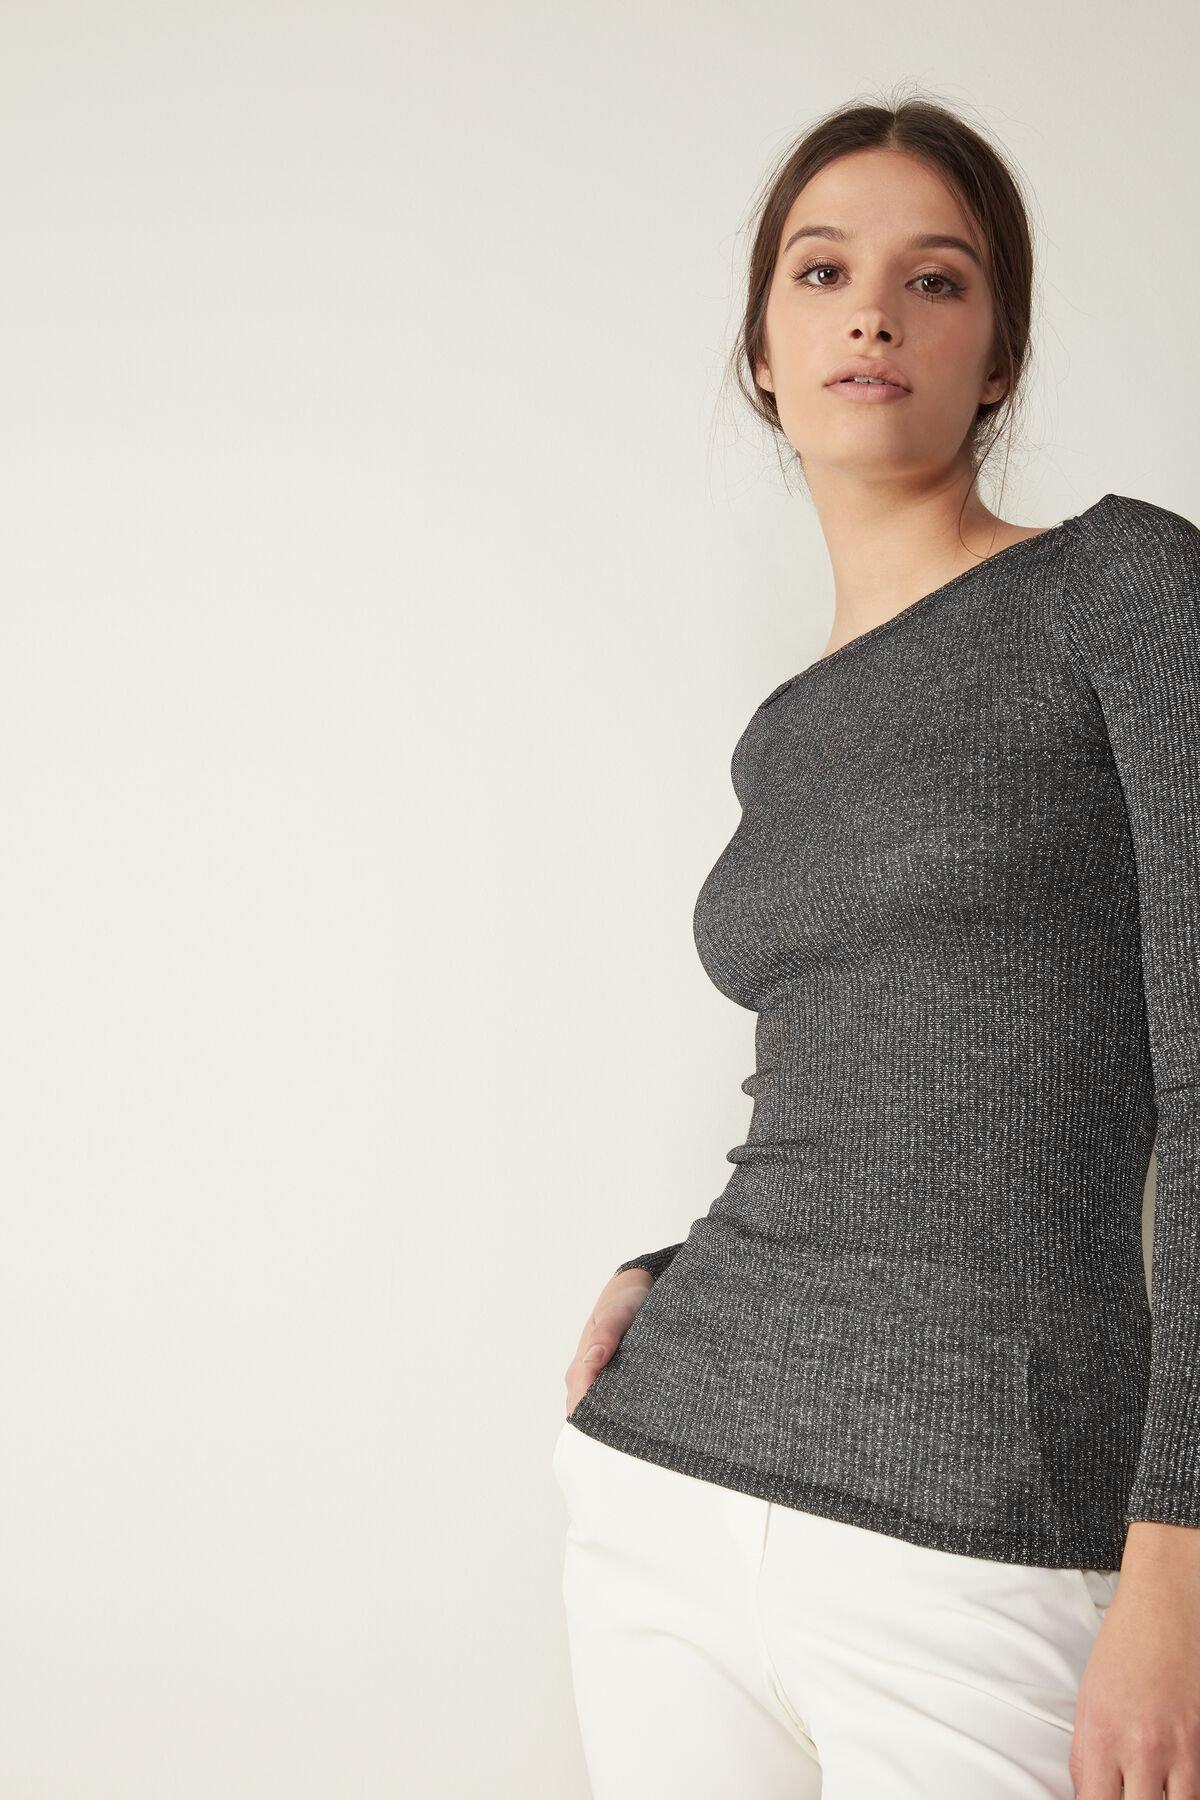 Camiseta lana y seda